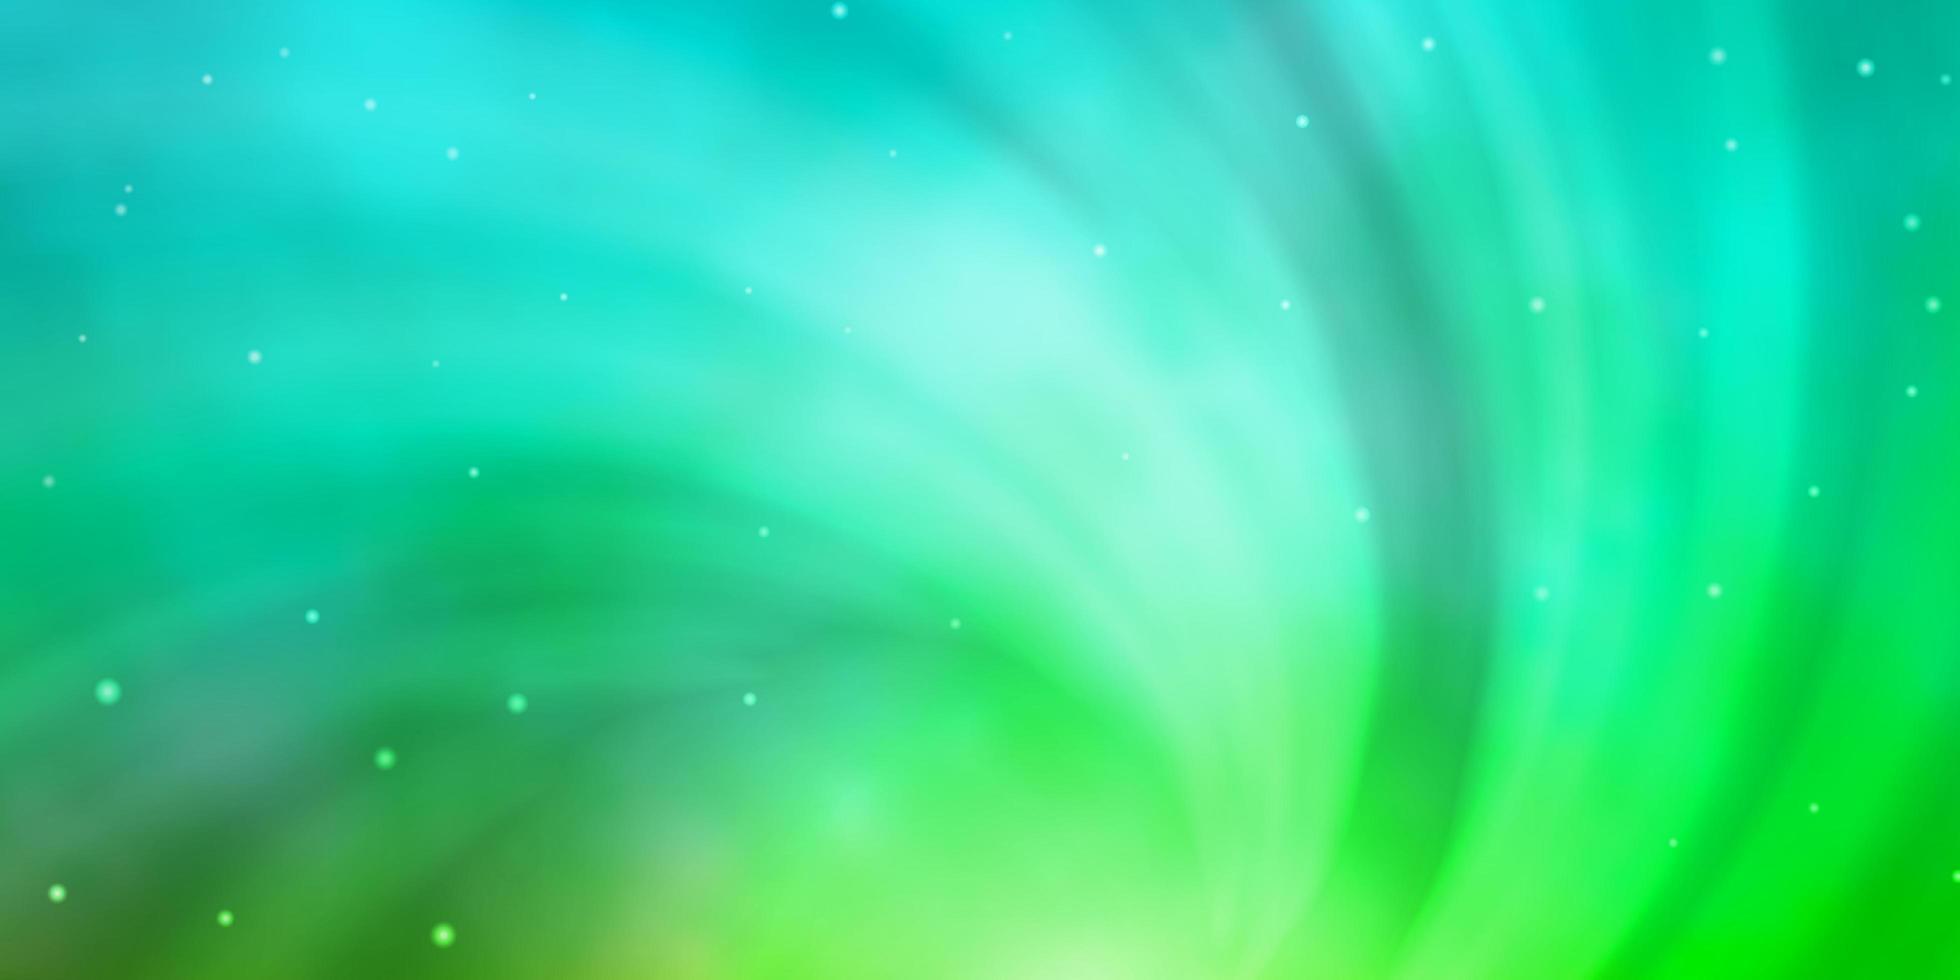 modello verde chiaro con stelle al neon. vettore